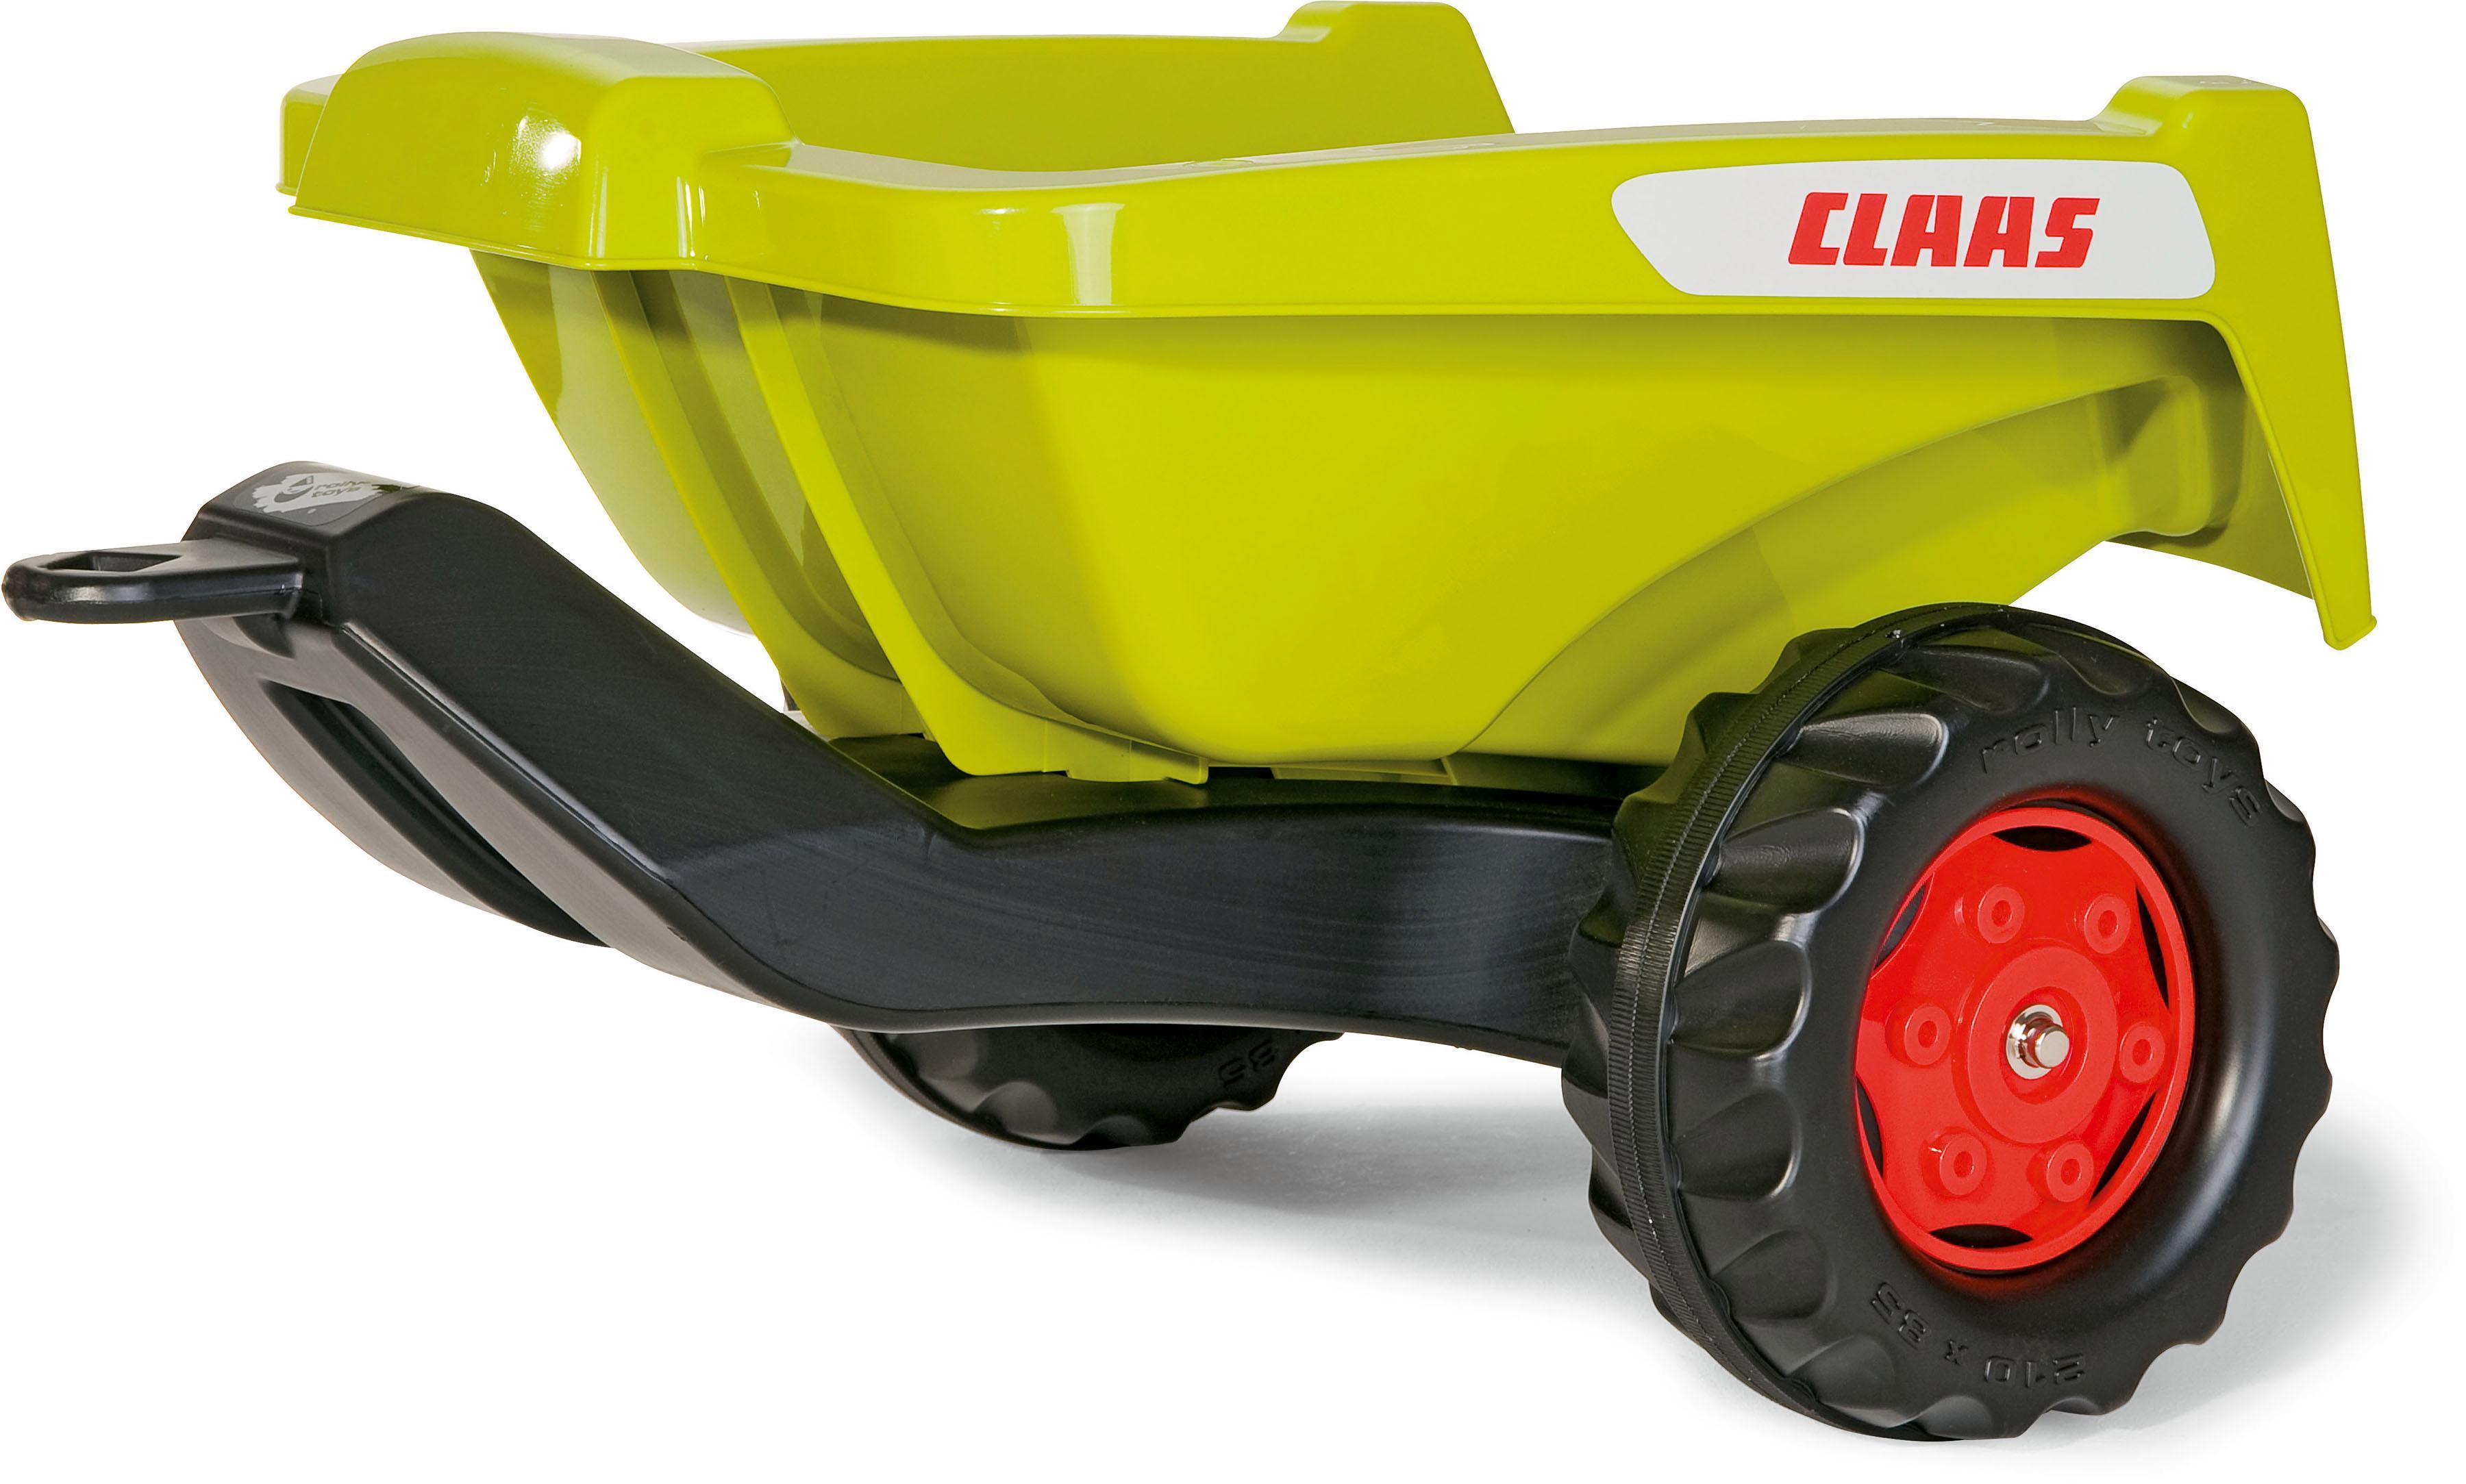 """rolly toys Kinderfahrzeug-Anhänger """"Kipper II CLAAS"""" Technik & Freizeit/Spielzeug/Autos, Eisenbahn & Modellbau/Spielzeugautos/Zubehör für Spielzeugautos"""